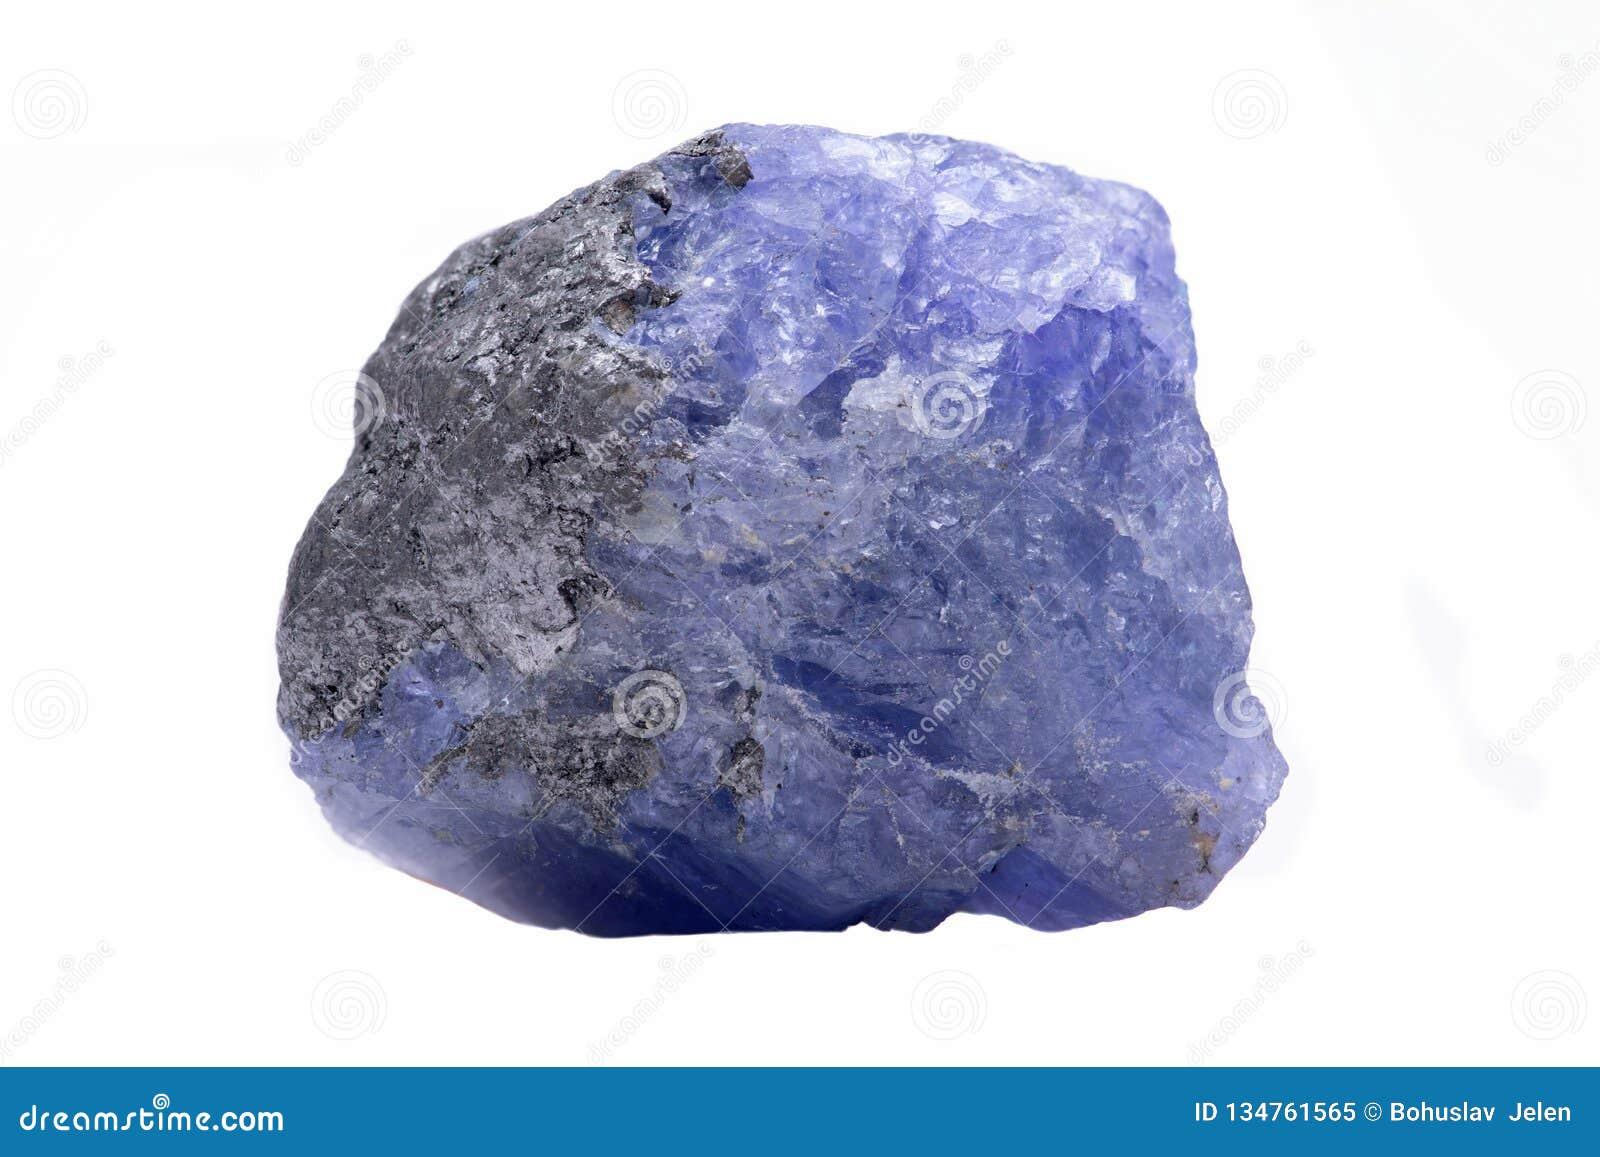 Den blåa violetta extra kvalitets- busen Tanzanite från Tanzania isolerade på vit